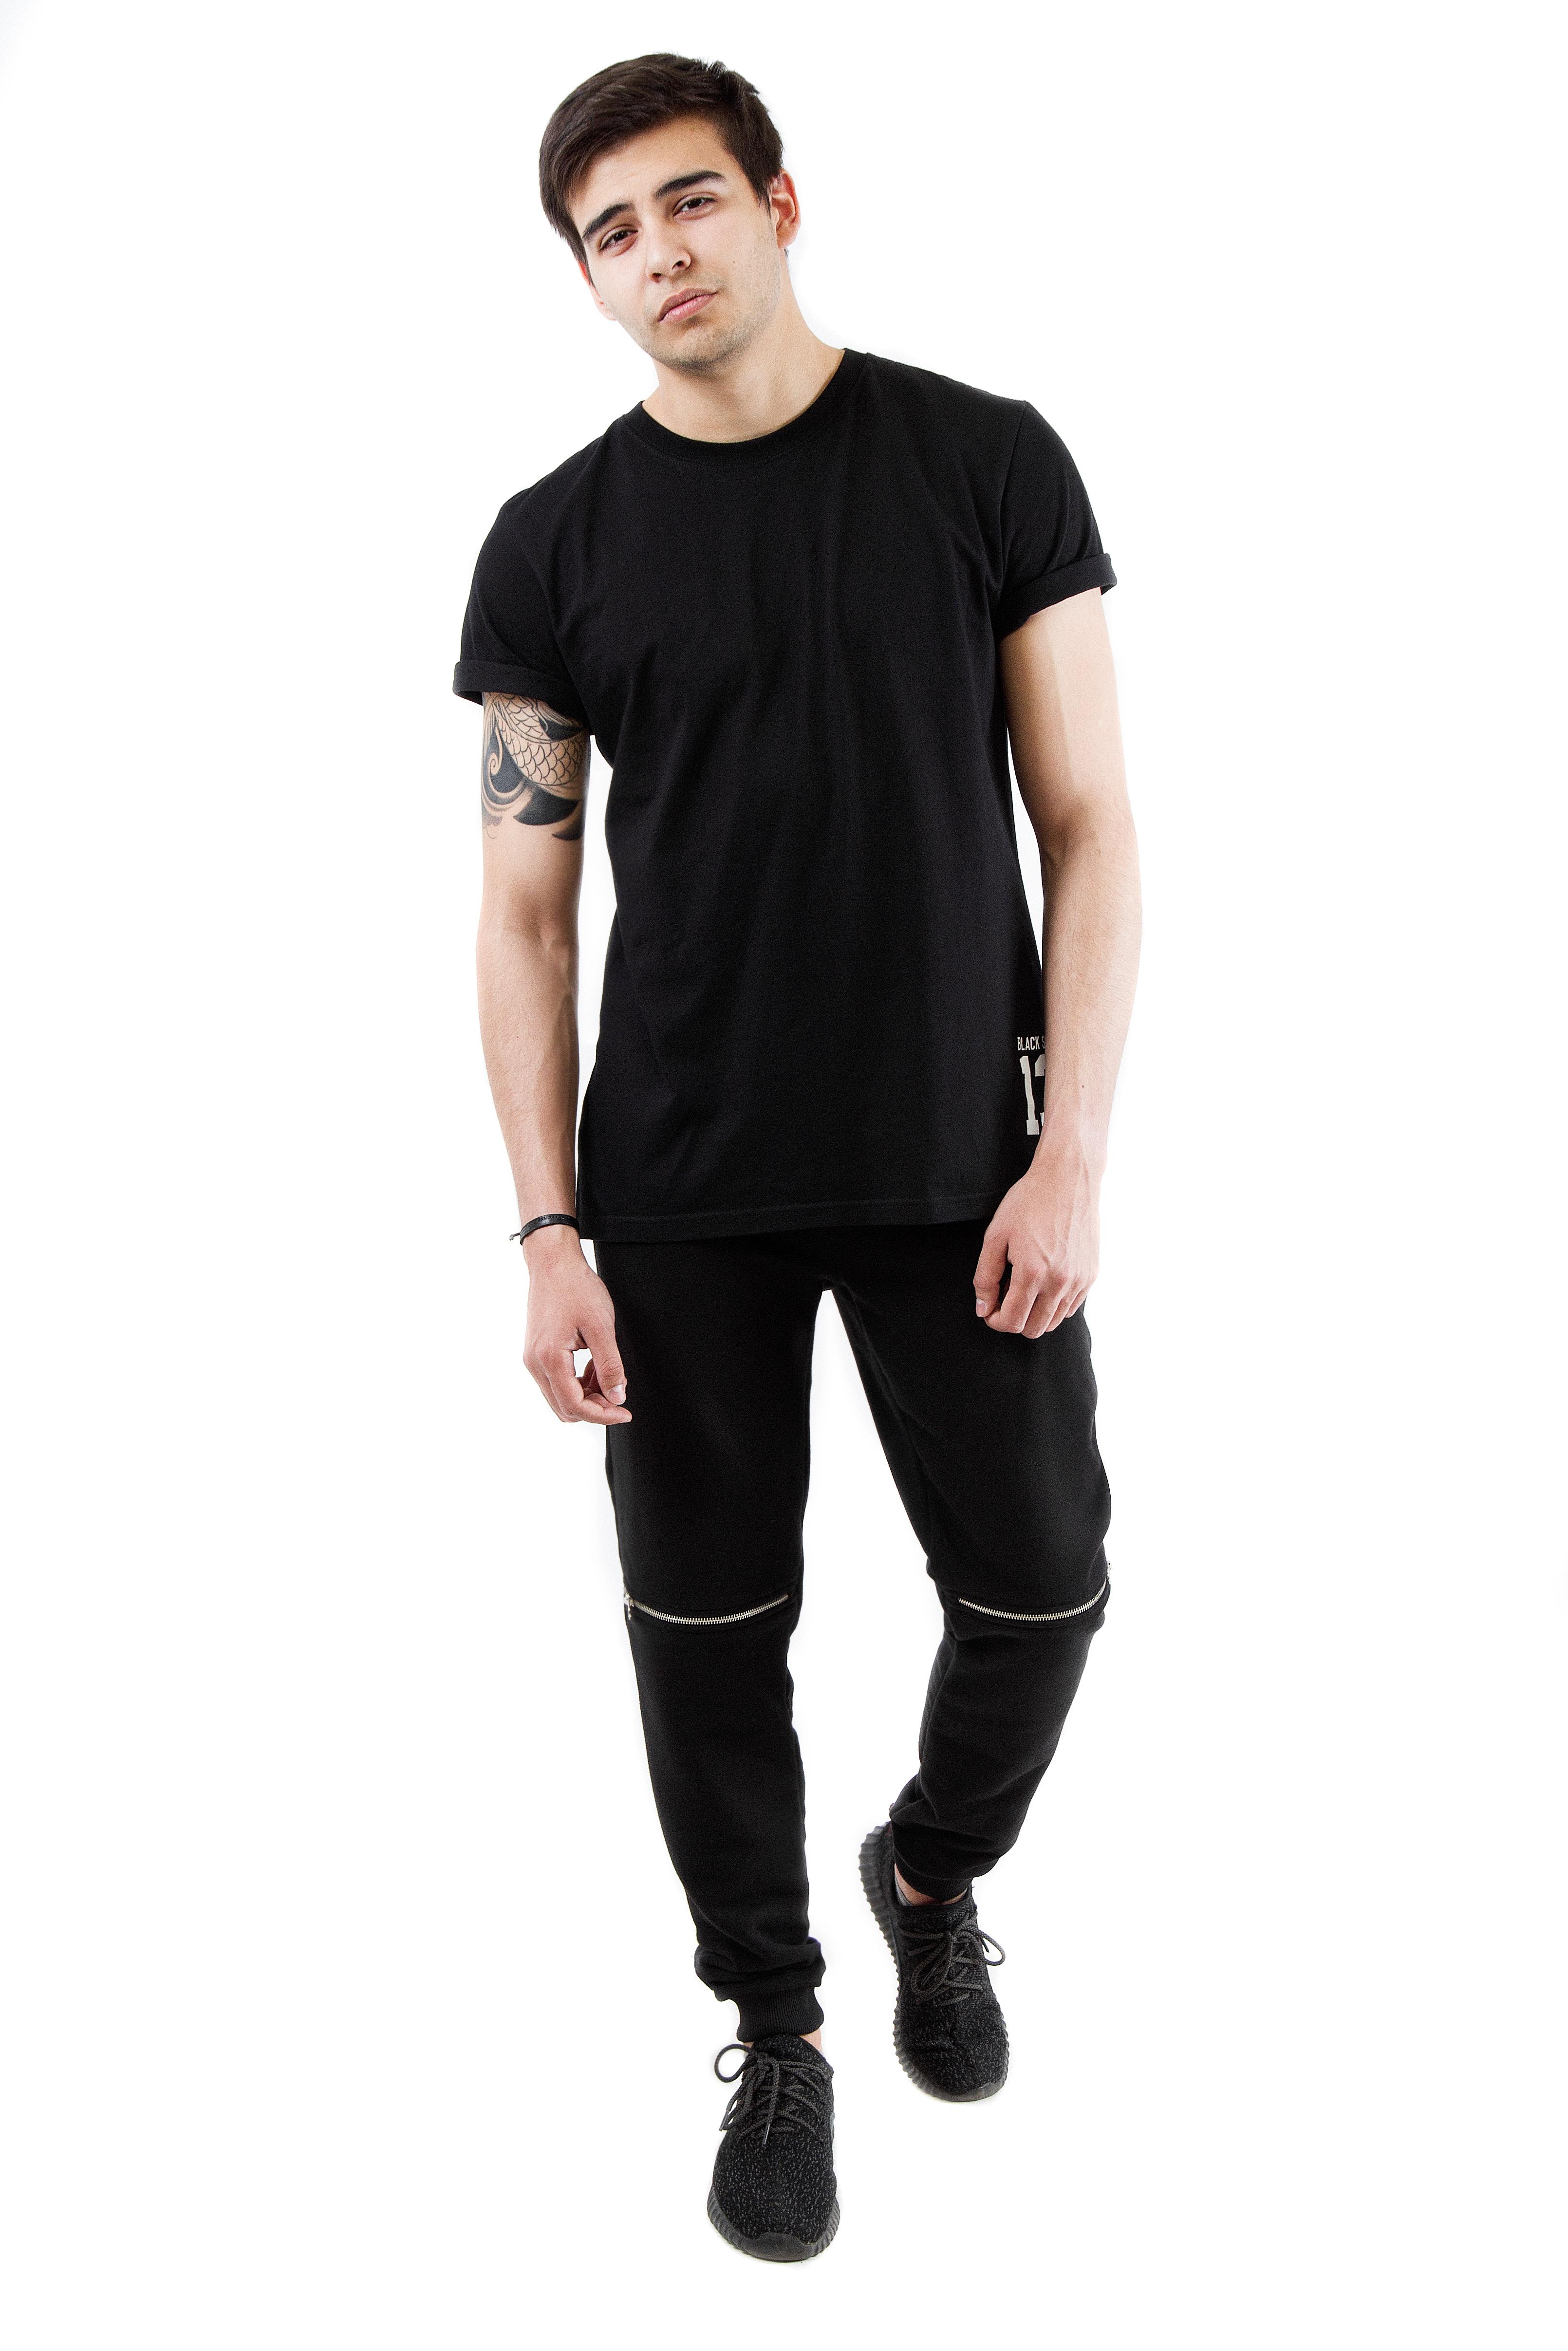 Mens trousers Zip BSPants, jeans and shorts<br>Стильные мужские брюки из коллекции Black Star Wear – практичный выбор на каждый день. Модель прямого полуоблегающего кроя с трикотажной резинкой на голенище и поясе создана из износостойкого материала, отлично сохраняющего форму при многочисленных стирках. Оригинальный элемент декора – горизонтальные белые молнии на коленях. Имеются карманы. В наличии два варианта цвета – черный и хаки.<br><br>size: M<br>color: Black<br>gender: male